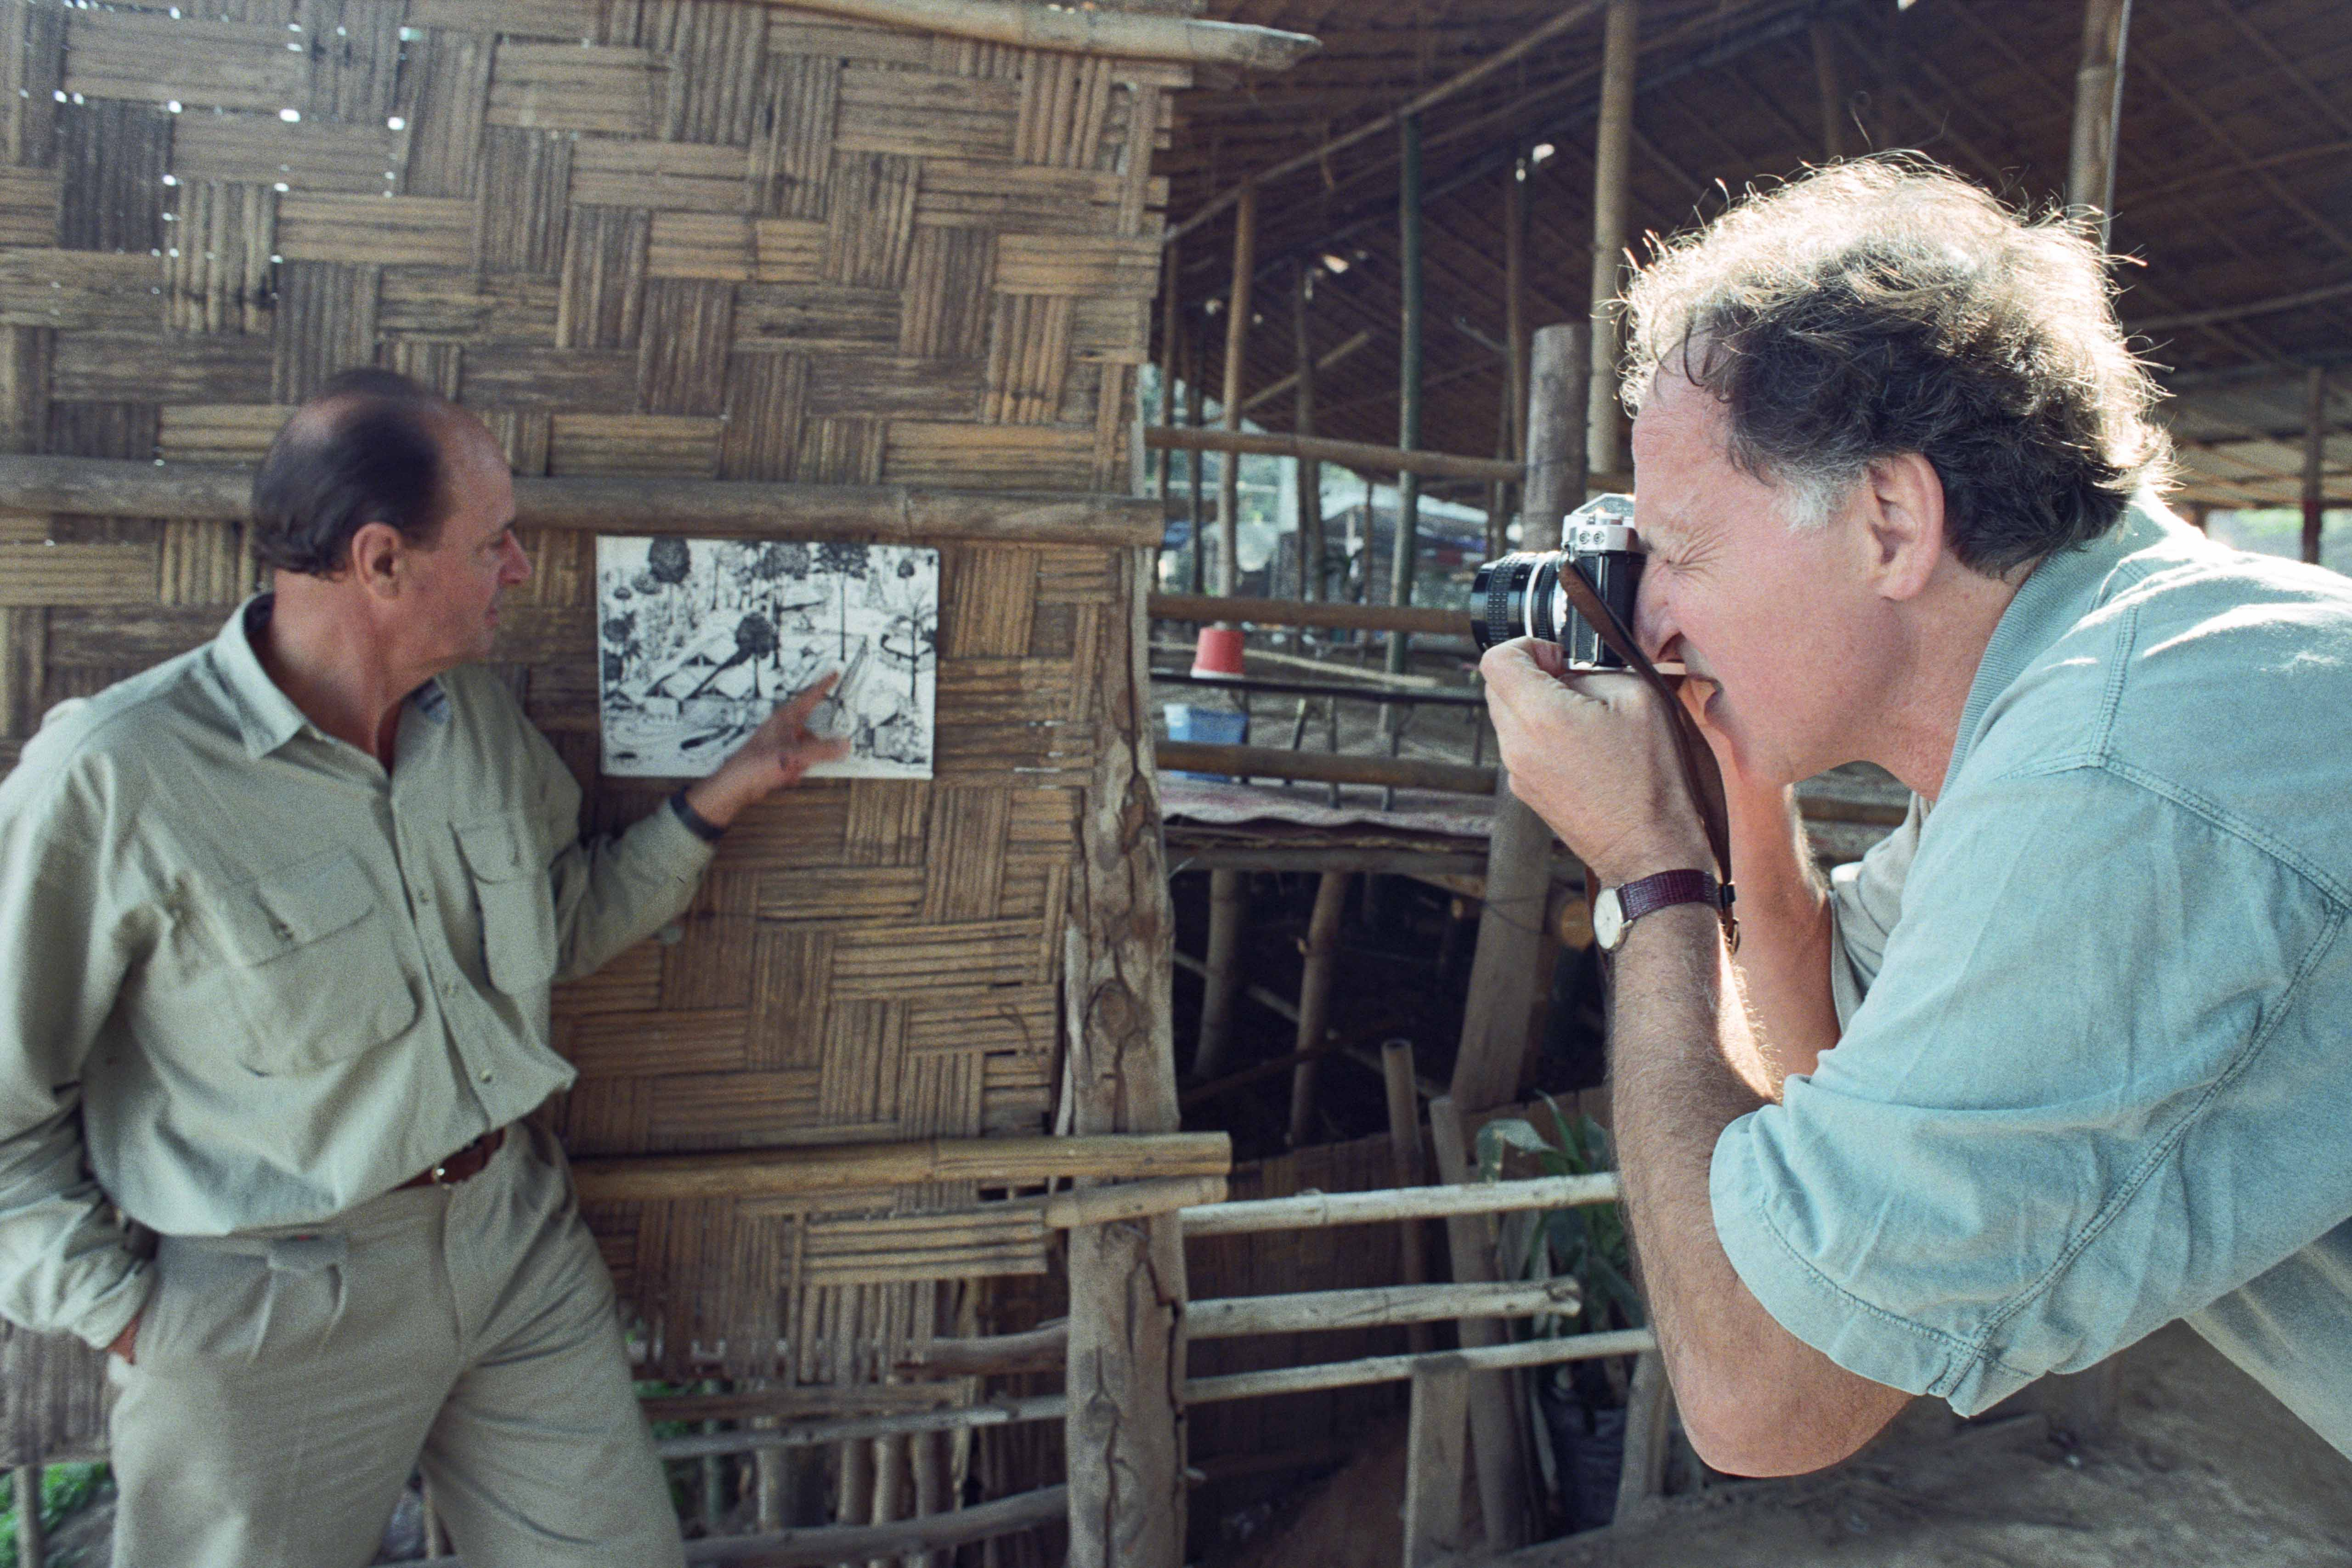 Werkfoto des Films Little Dieter Needs to Fly / Flucht aus Laos (Höllenfahrten, 1. Folge)